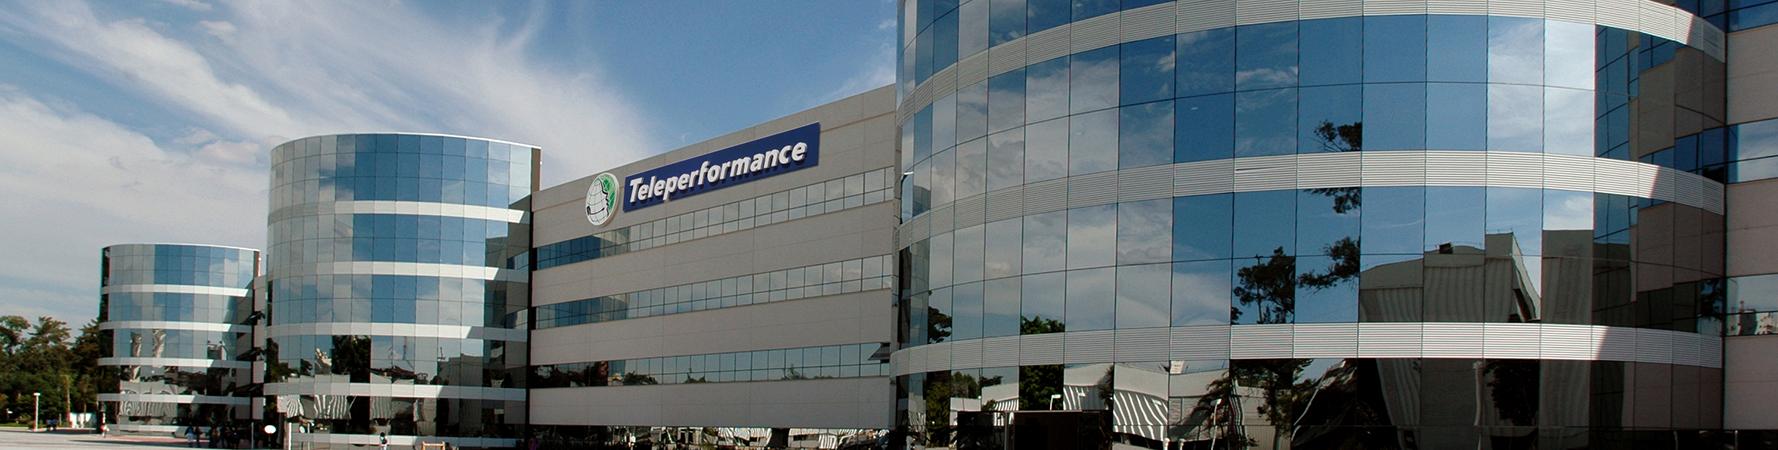 الشركة العالمية Teleperformance تعتزم تطوير استثماراتها في تونس